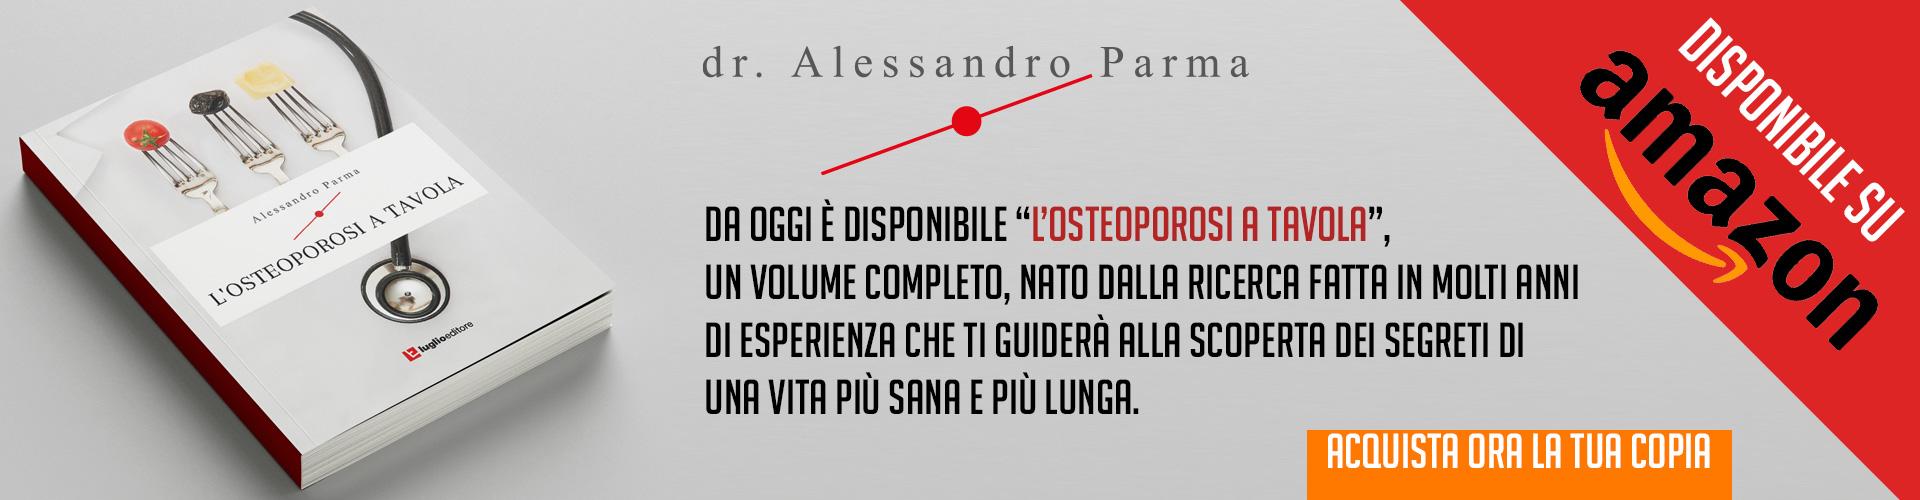 banner_libro